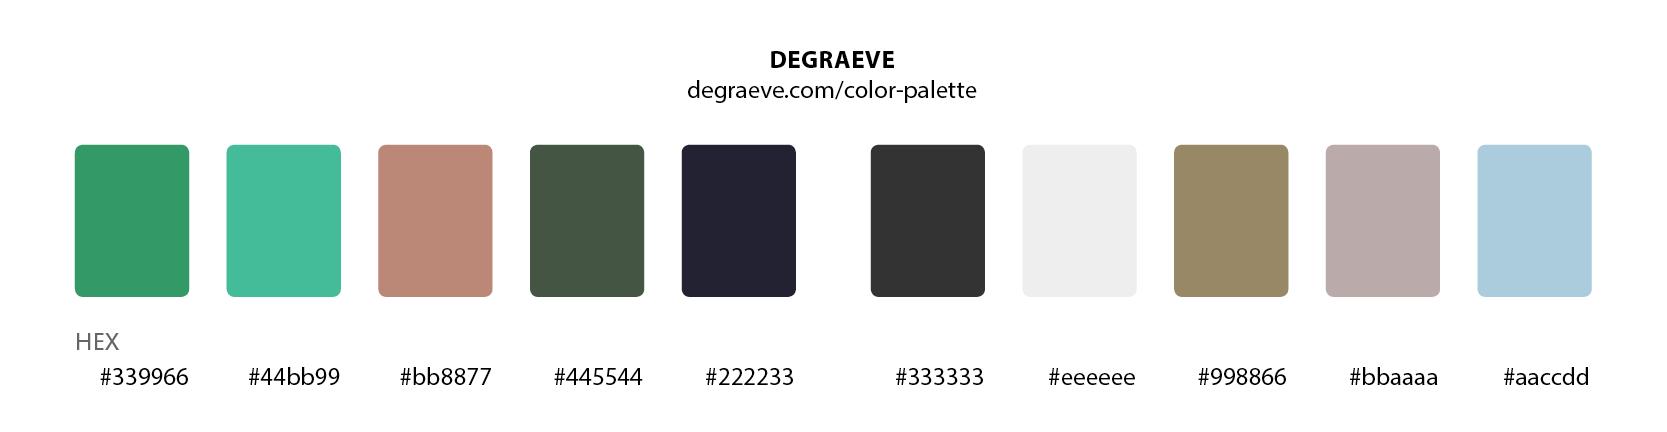 DeGraeve Palette.png